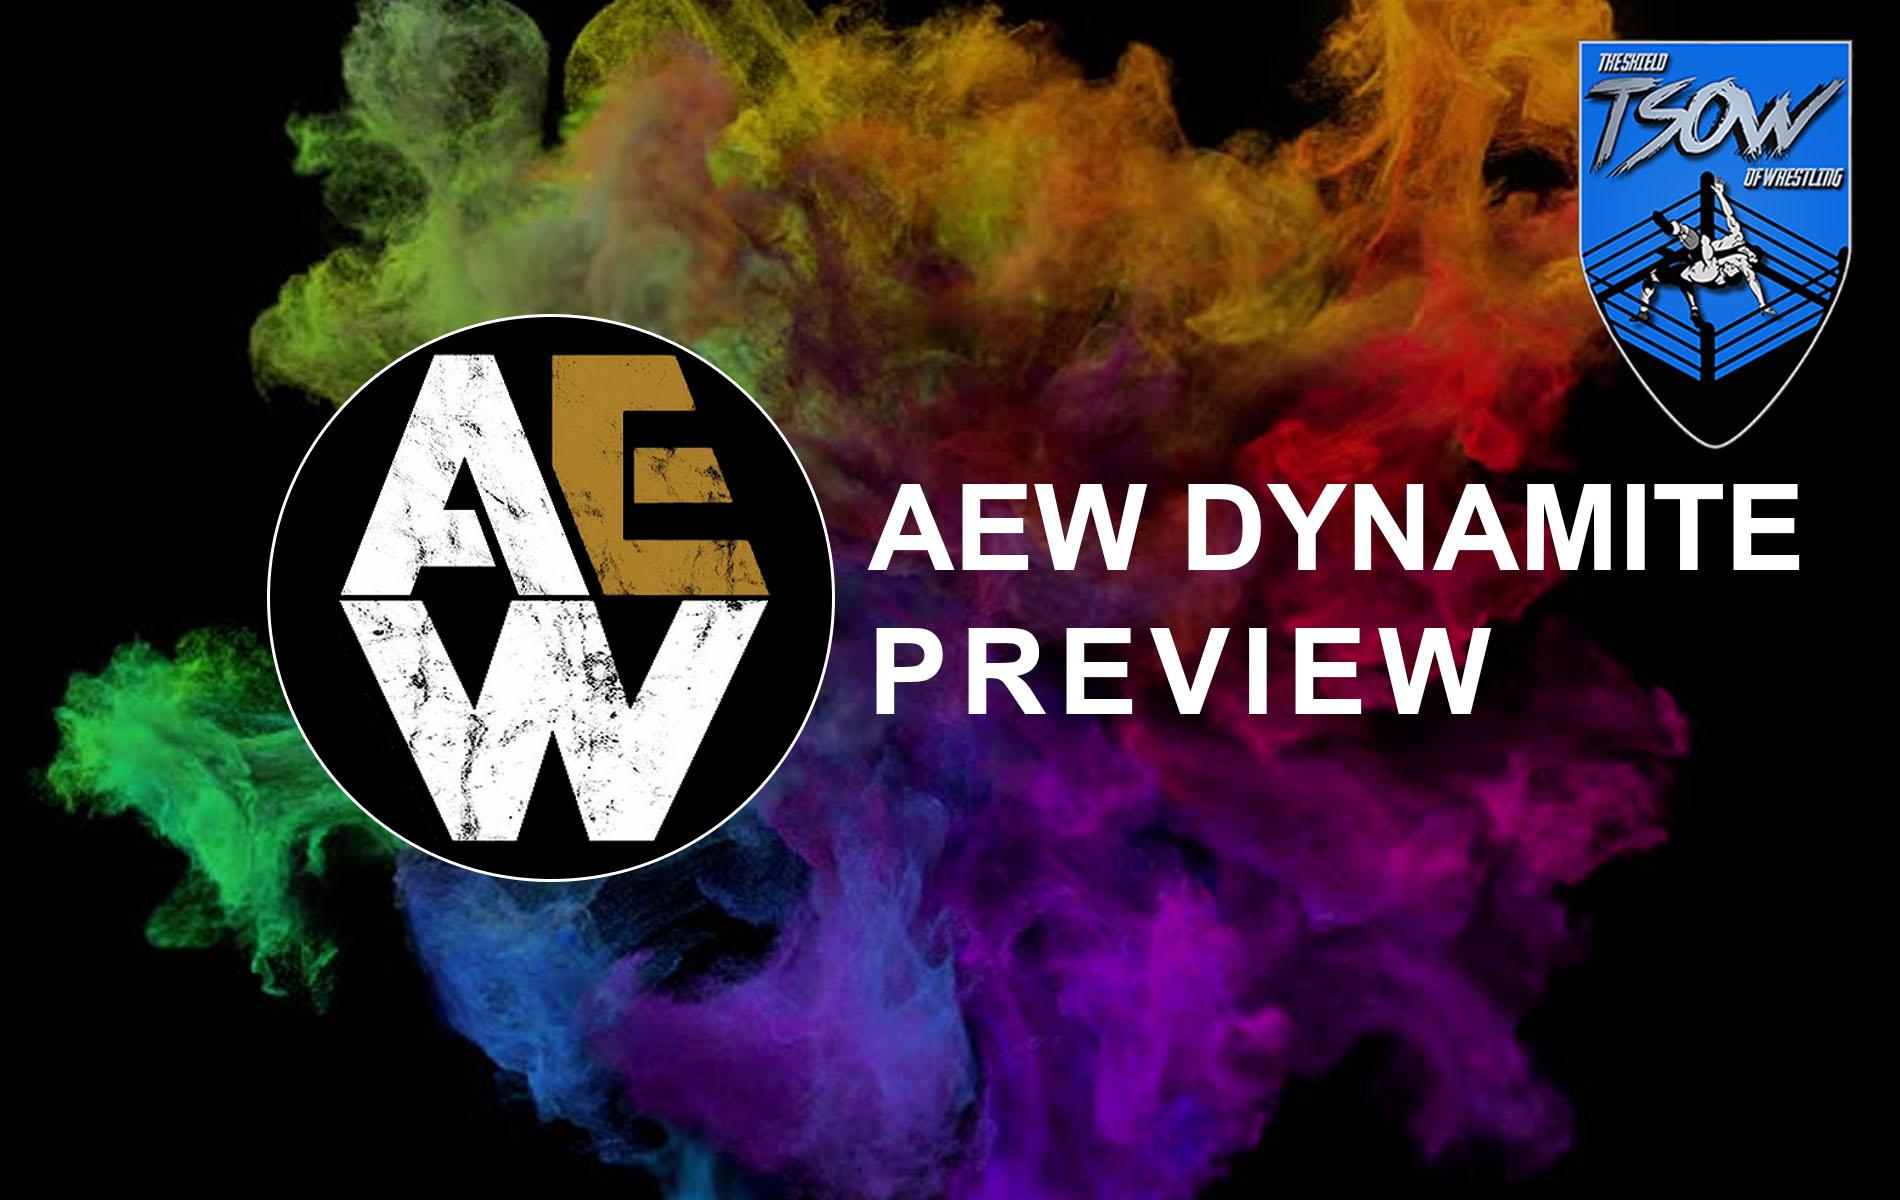 Anteprima AEW Dynamite 19-05-2021